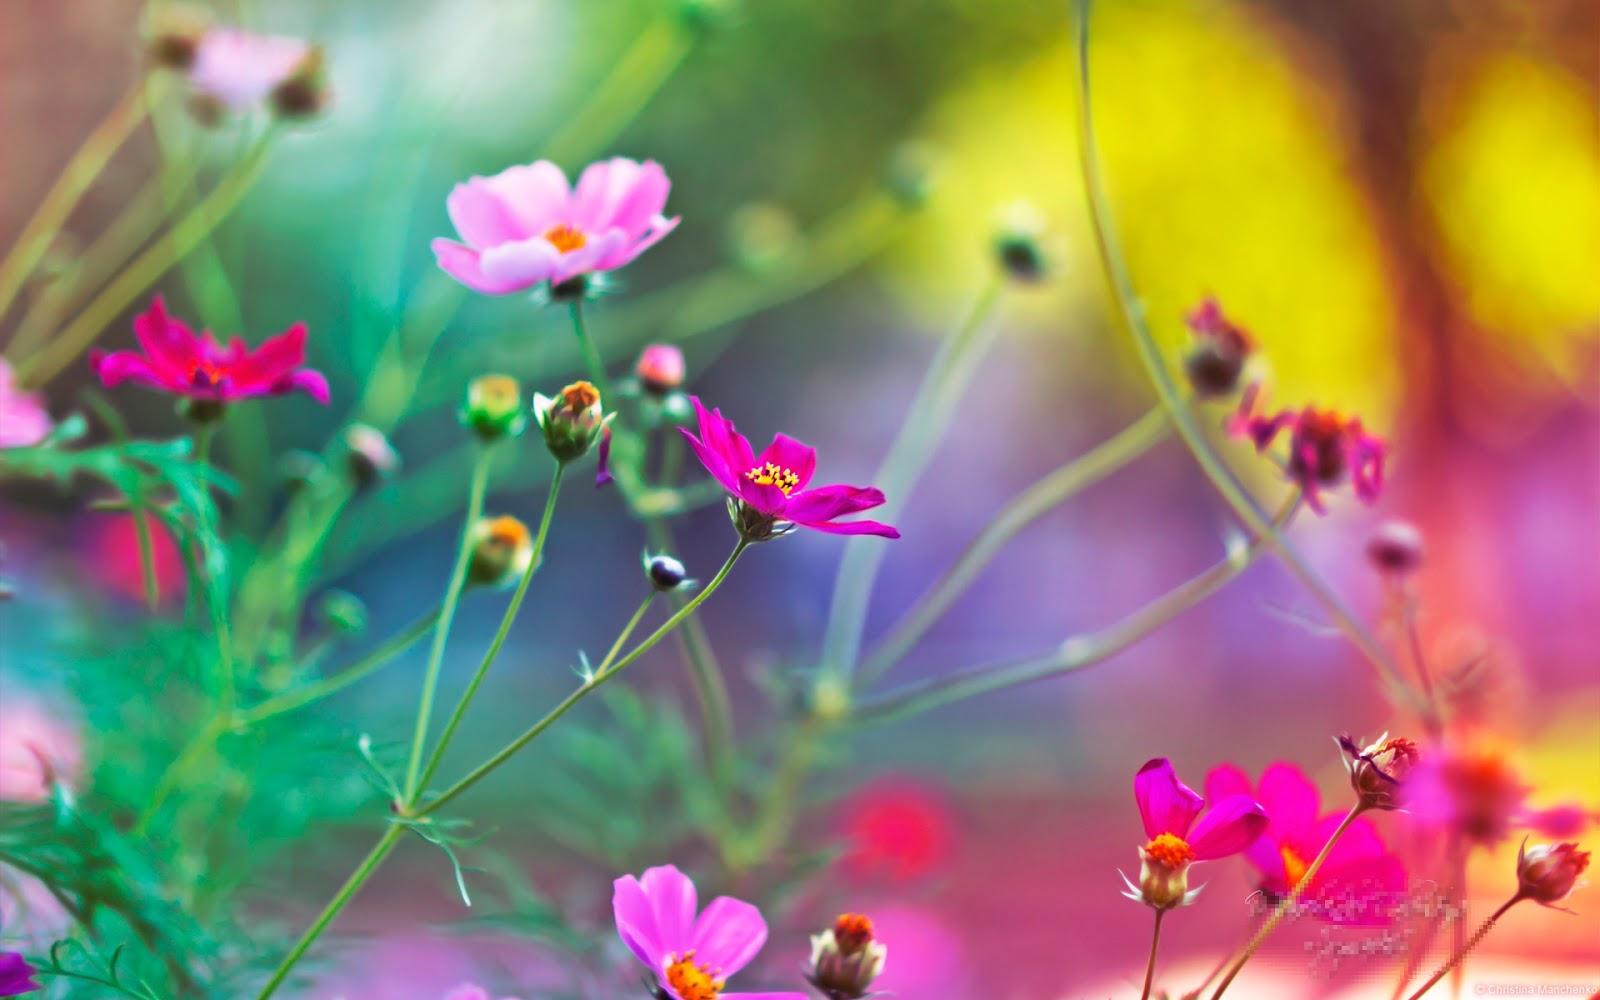 Imagenes De Flores Para Funeral - imágenes de flores de Bach para descargar Imágenes de